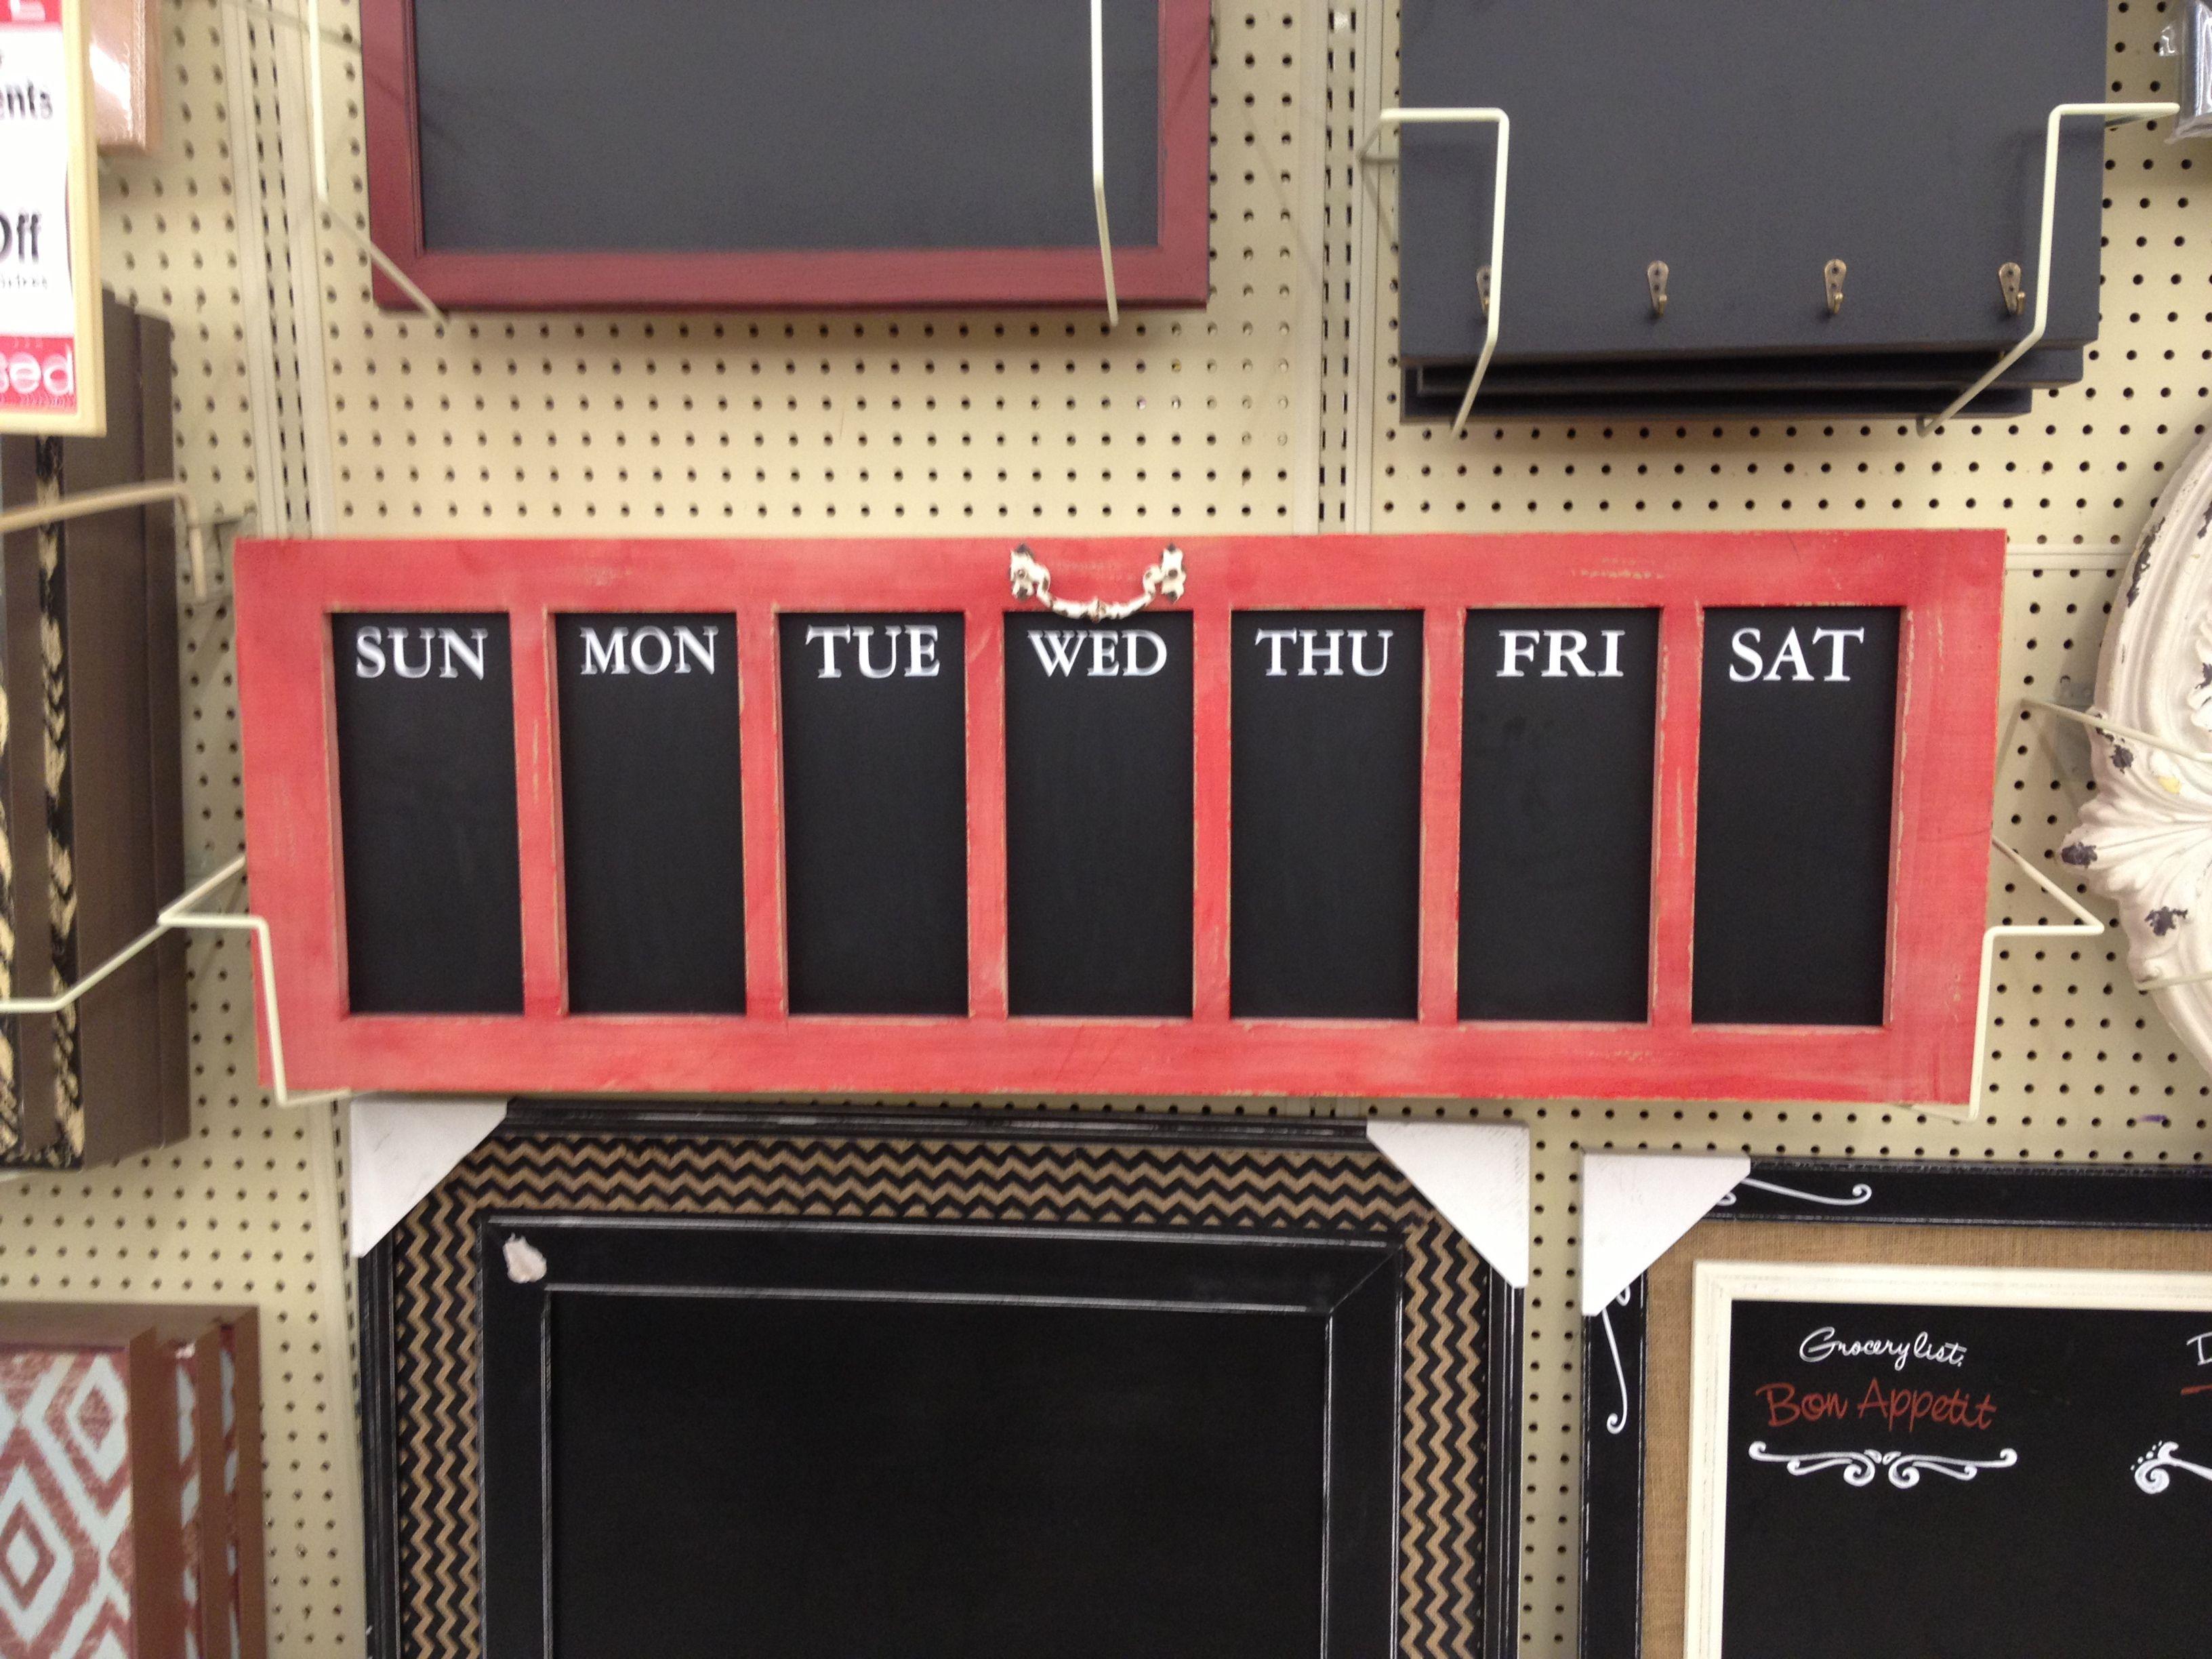 Hobby Lobby chalkboard calendar